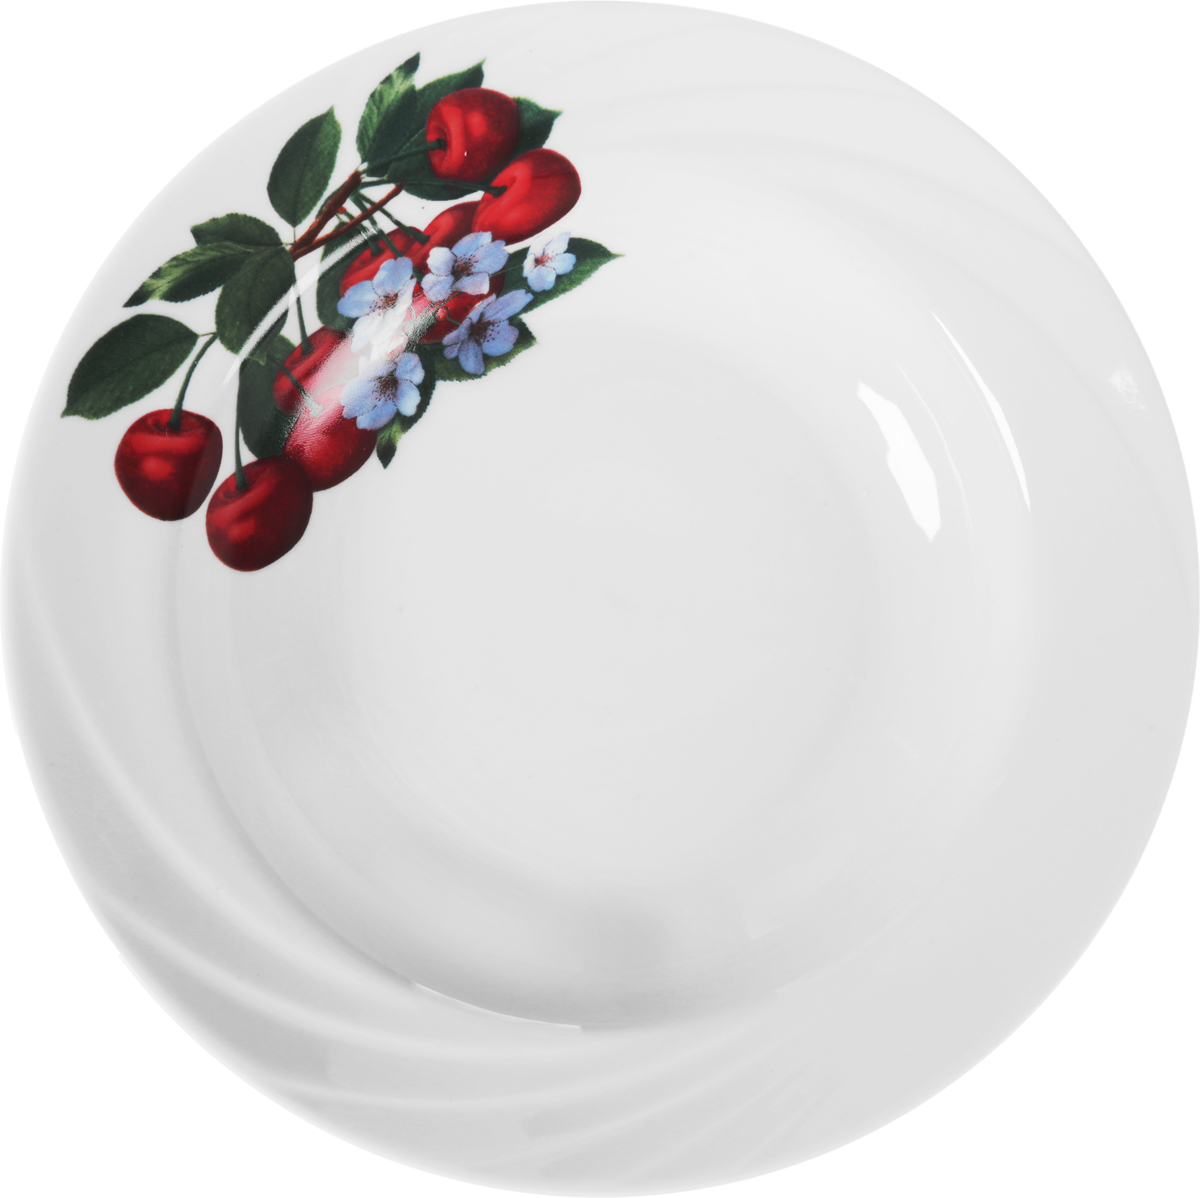 Тарелка глубокая Голубка. Ассорти, диаметр 20 см508023Глубокая тарелка Голубка. Ассорти, выполненная из высококачественного фарфора, идеальна для сервировки стола первыми блюдами. К тому же, такая тарелка великолепна в качестве емкости при приготовлении - ее можно использовать для ингредиентов салатов, закусок и других блюд. Она прекрасно впишется в интерьер вашей кухни и станет достойным дополнением к кухонному инвентарю.